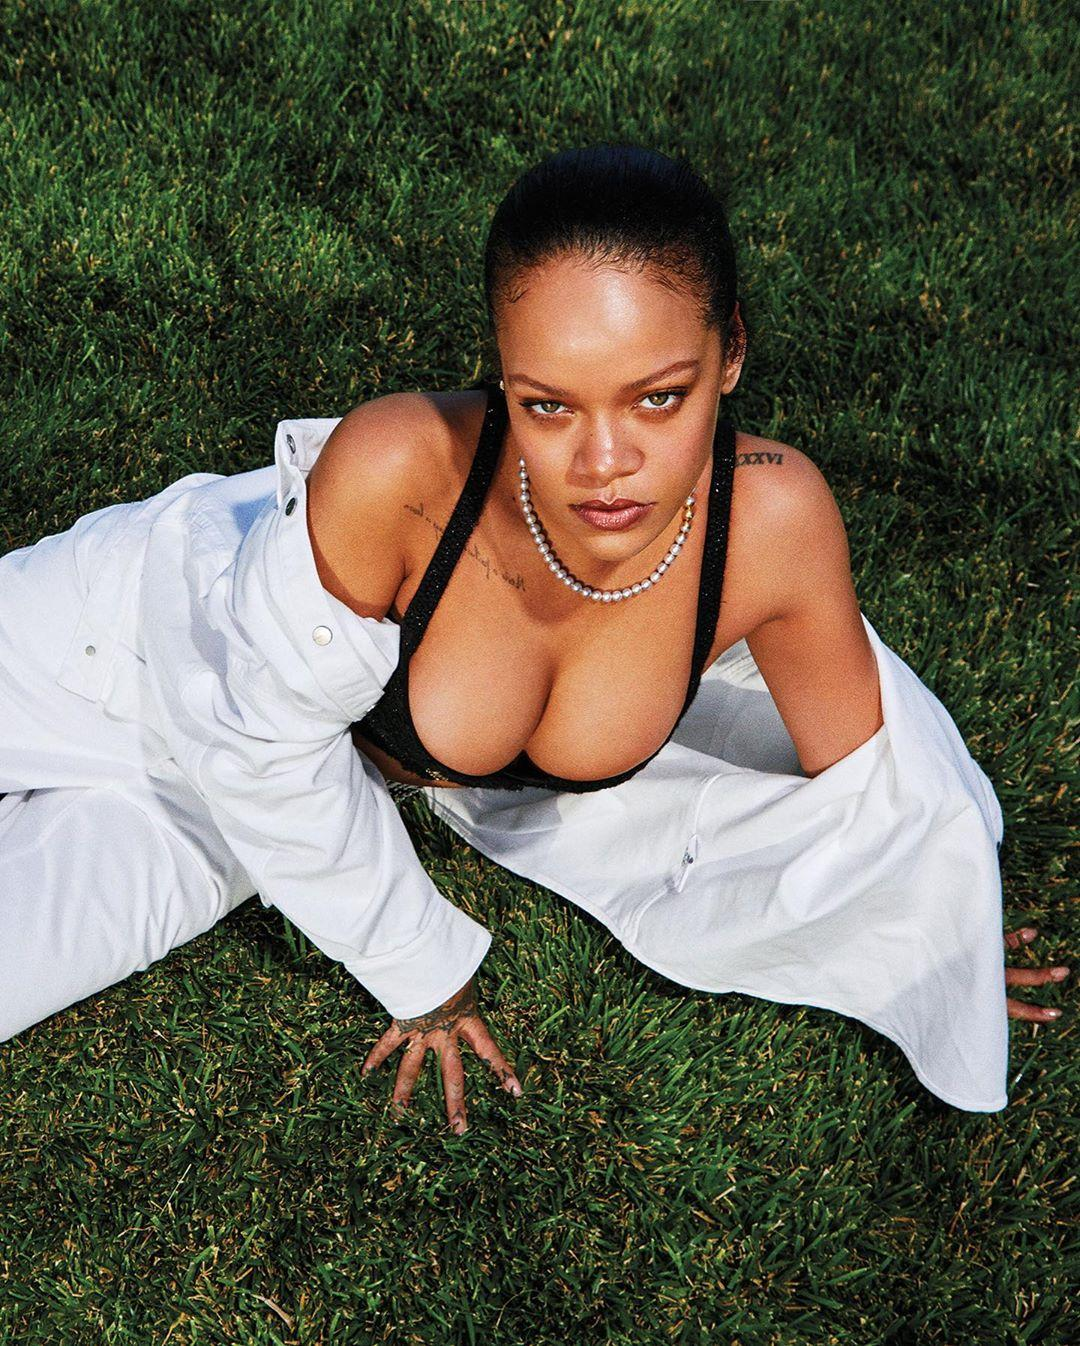 Співачка позувала у дворі будинку у спідній білизні / фото Harper's Bazaar